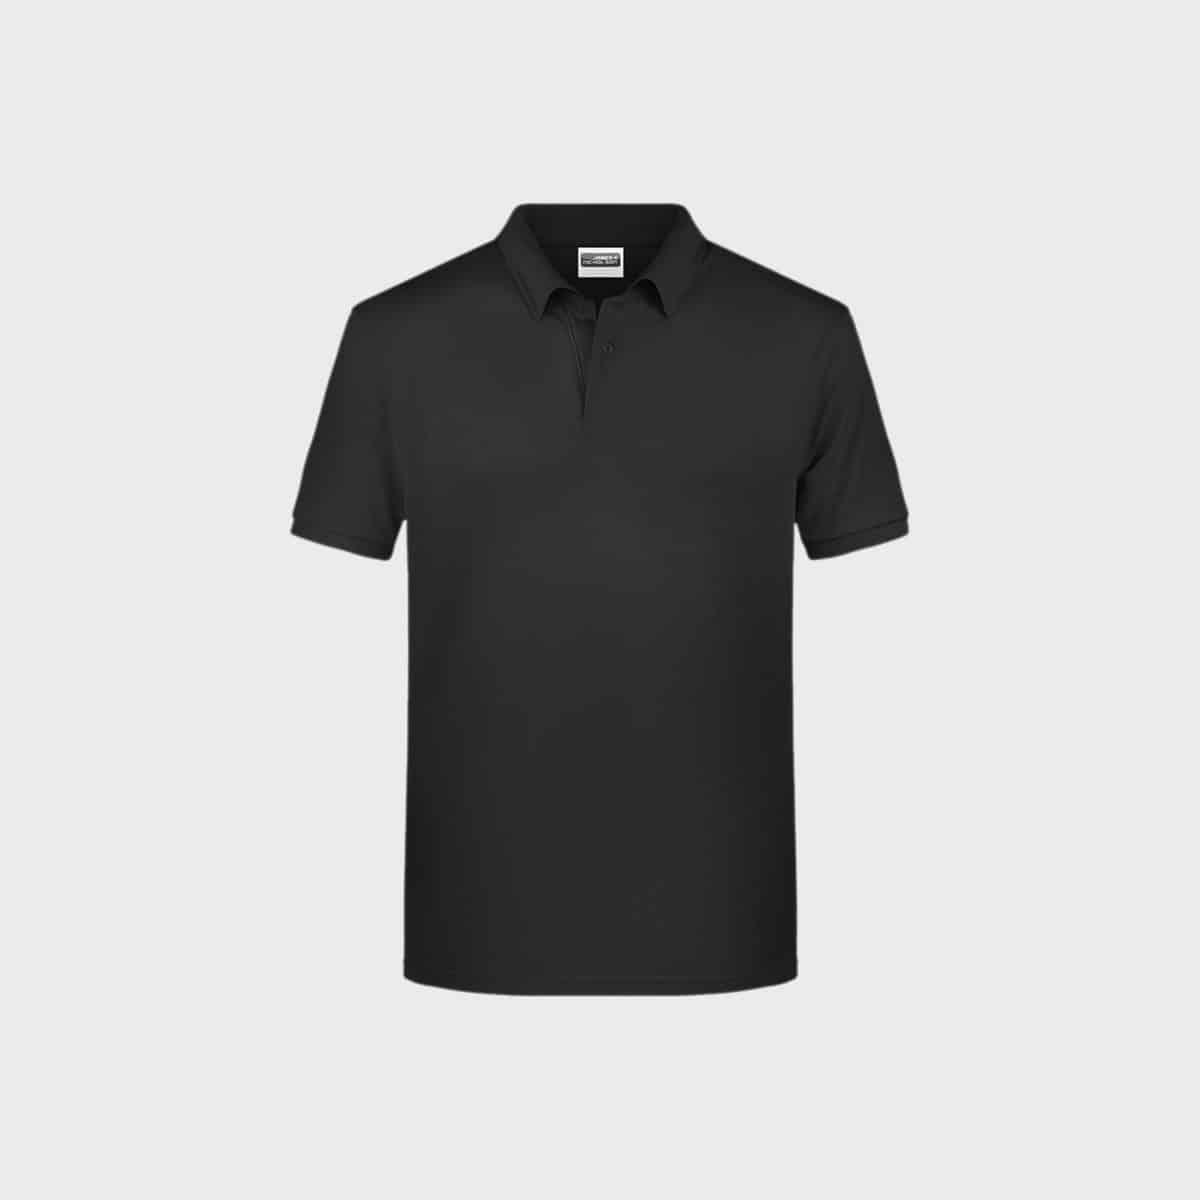 polo-t-shirt-men-bio-cotton-kaufen-besticken_stickmanufaktur